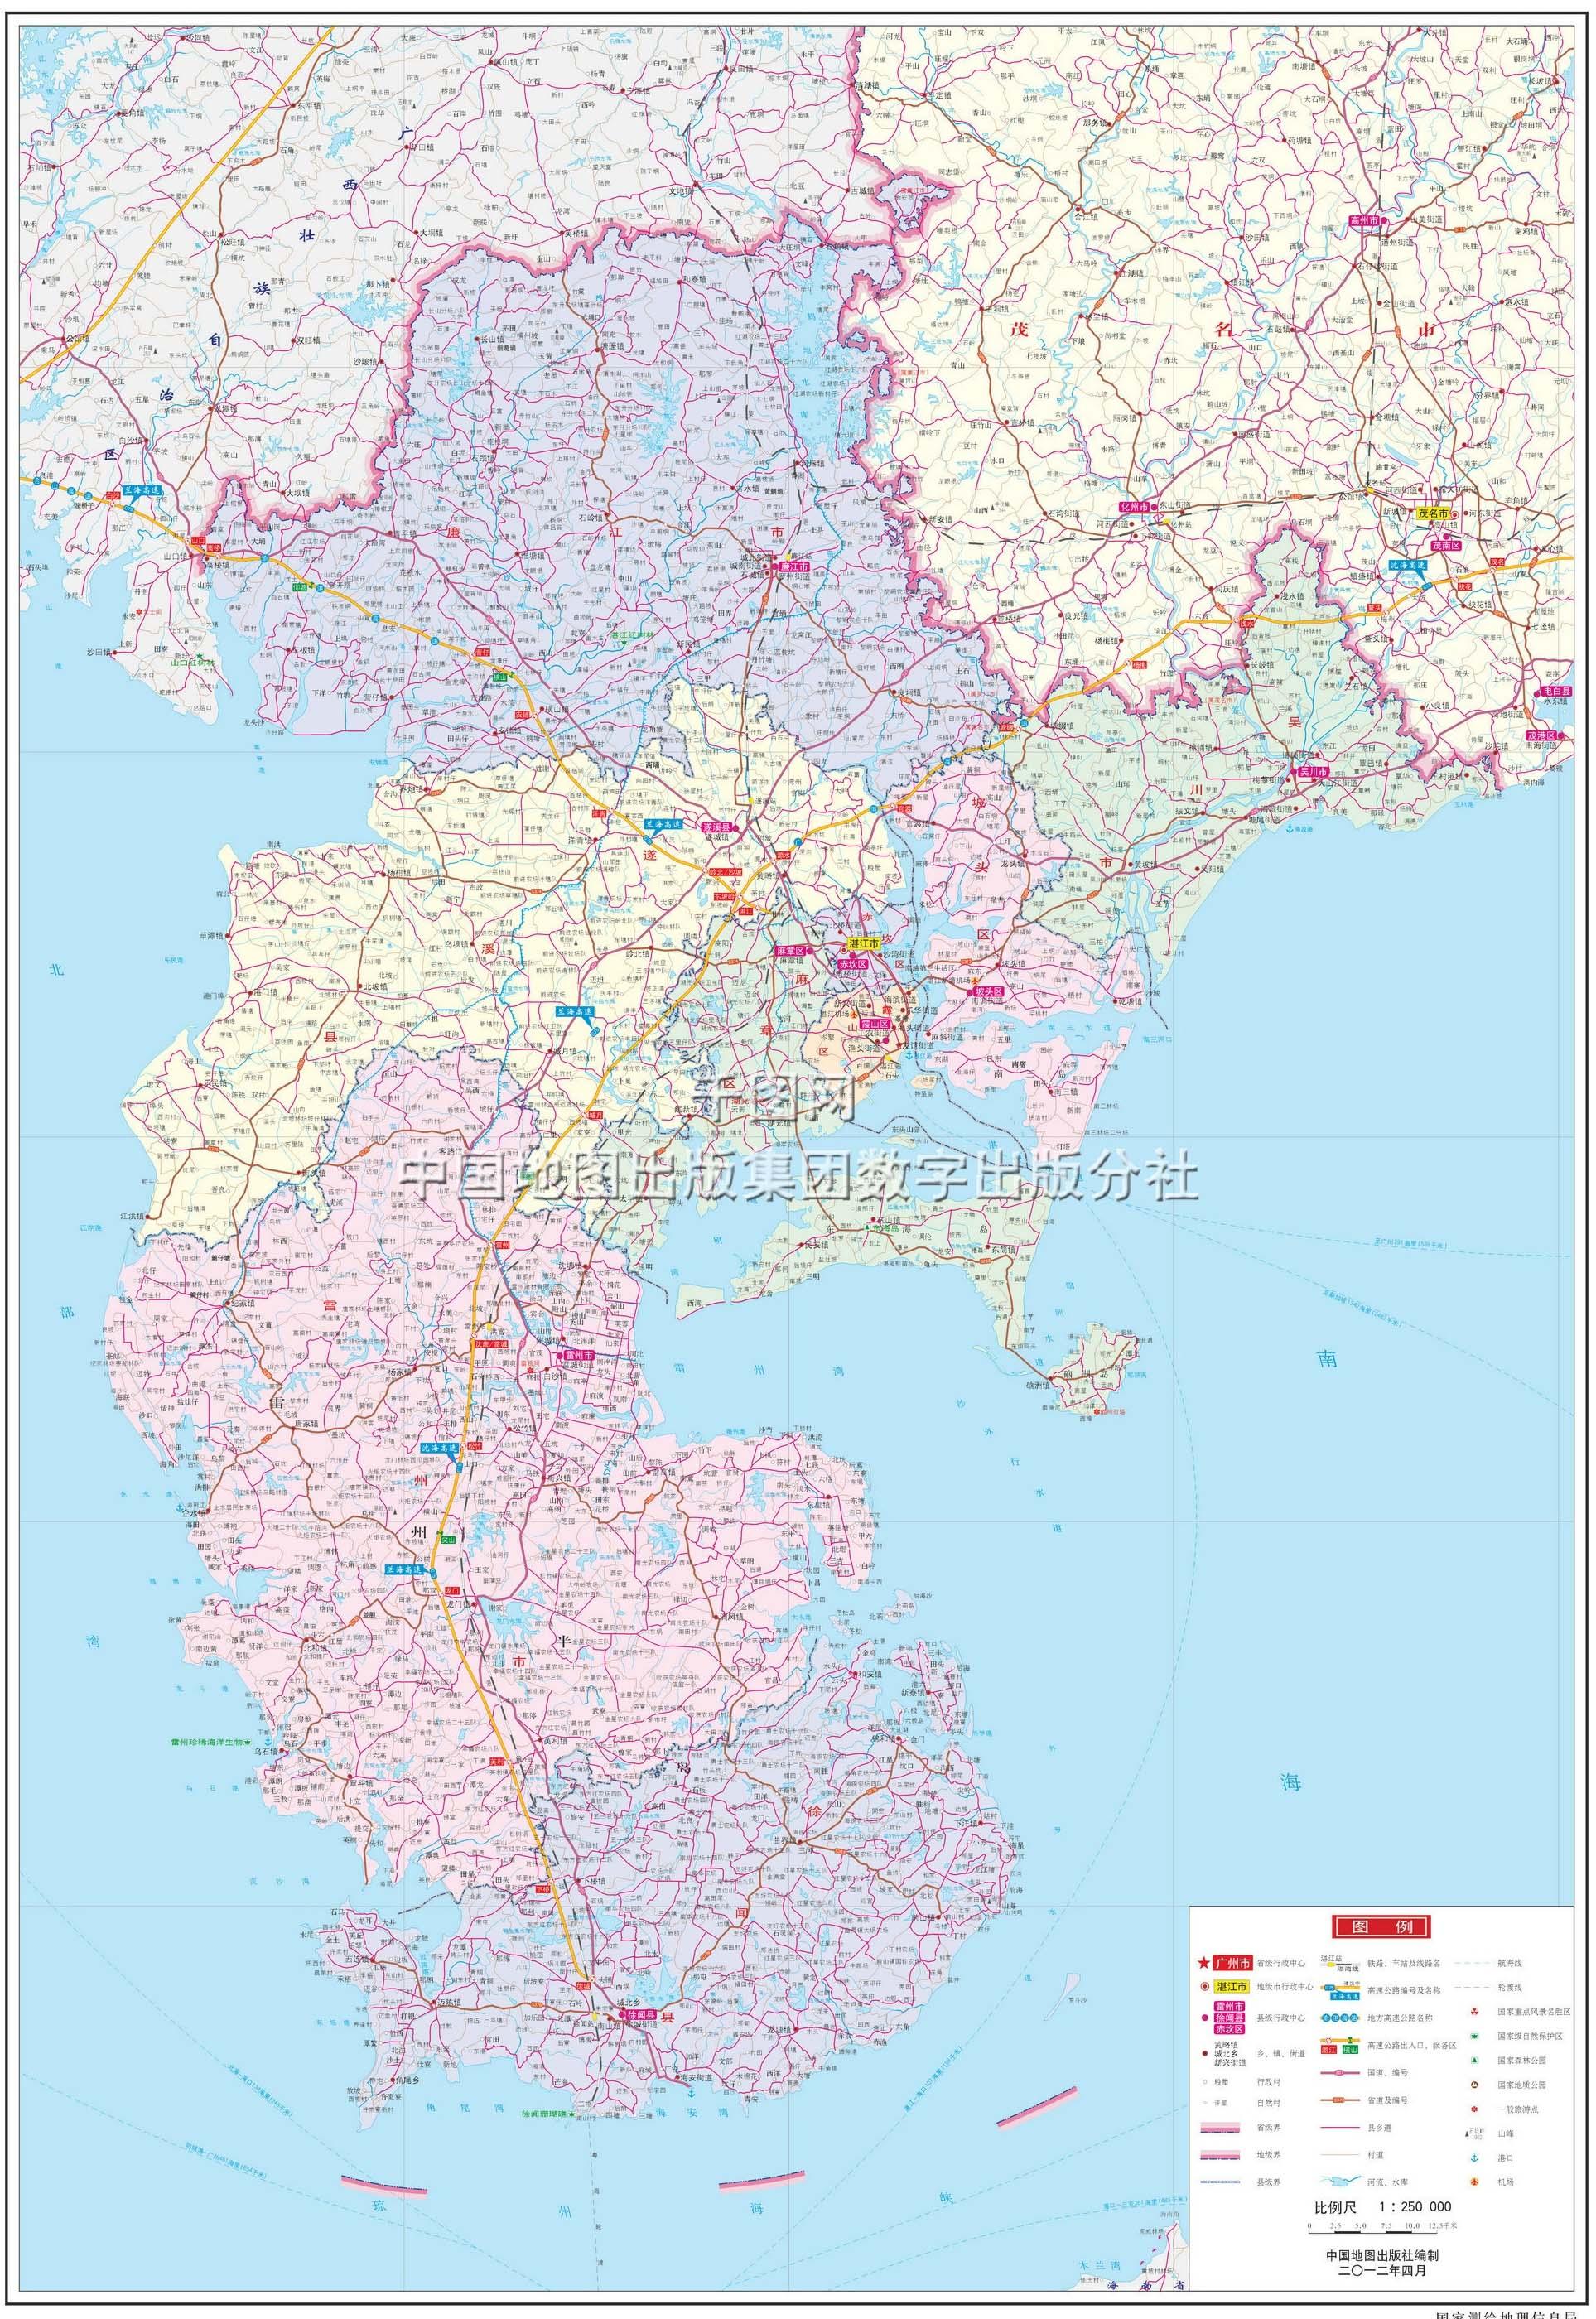 广东省全图高清版_湛江市地图高清版_湛江地图库